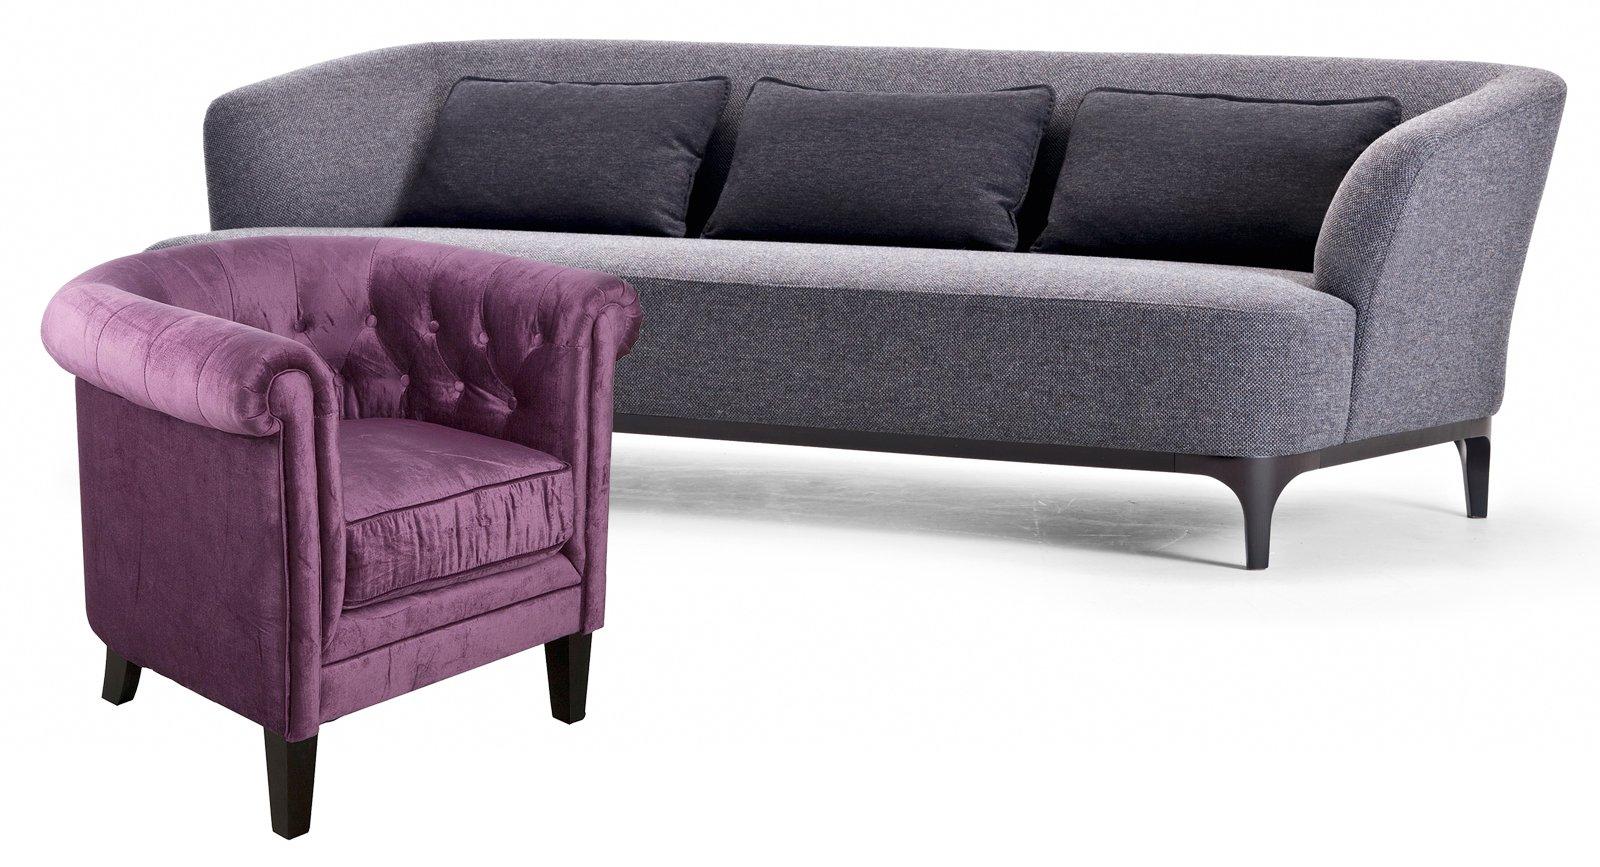 Poltrona e divano idee per abbinarli cose di casa - Divano viola ikea ...